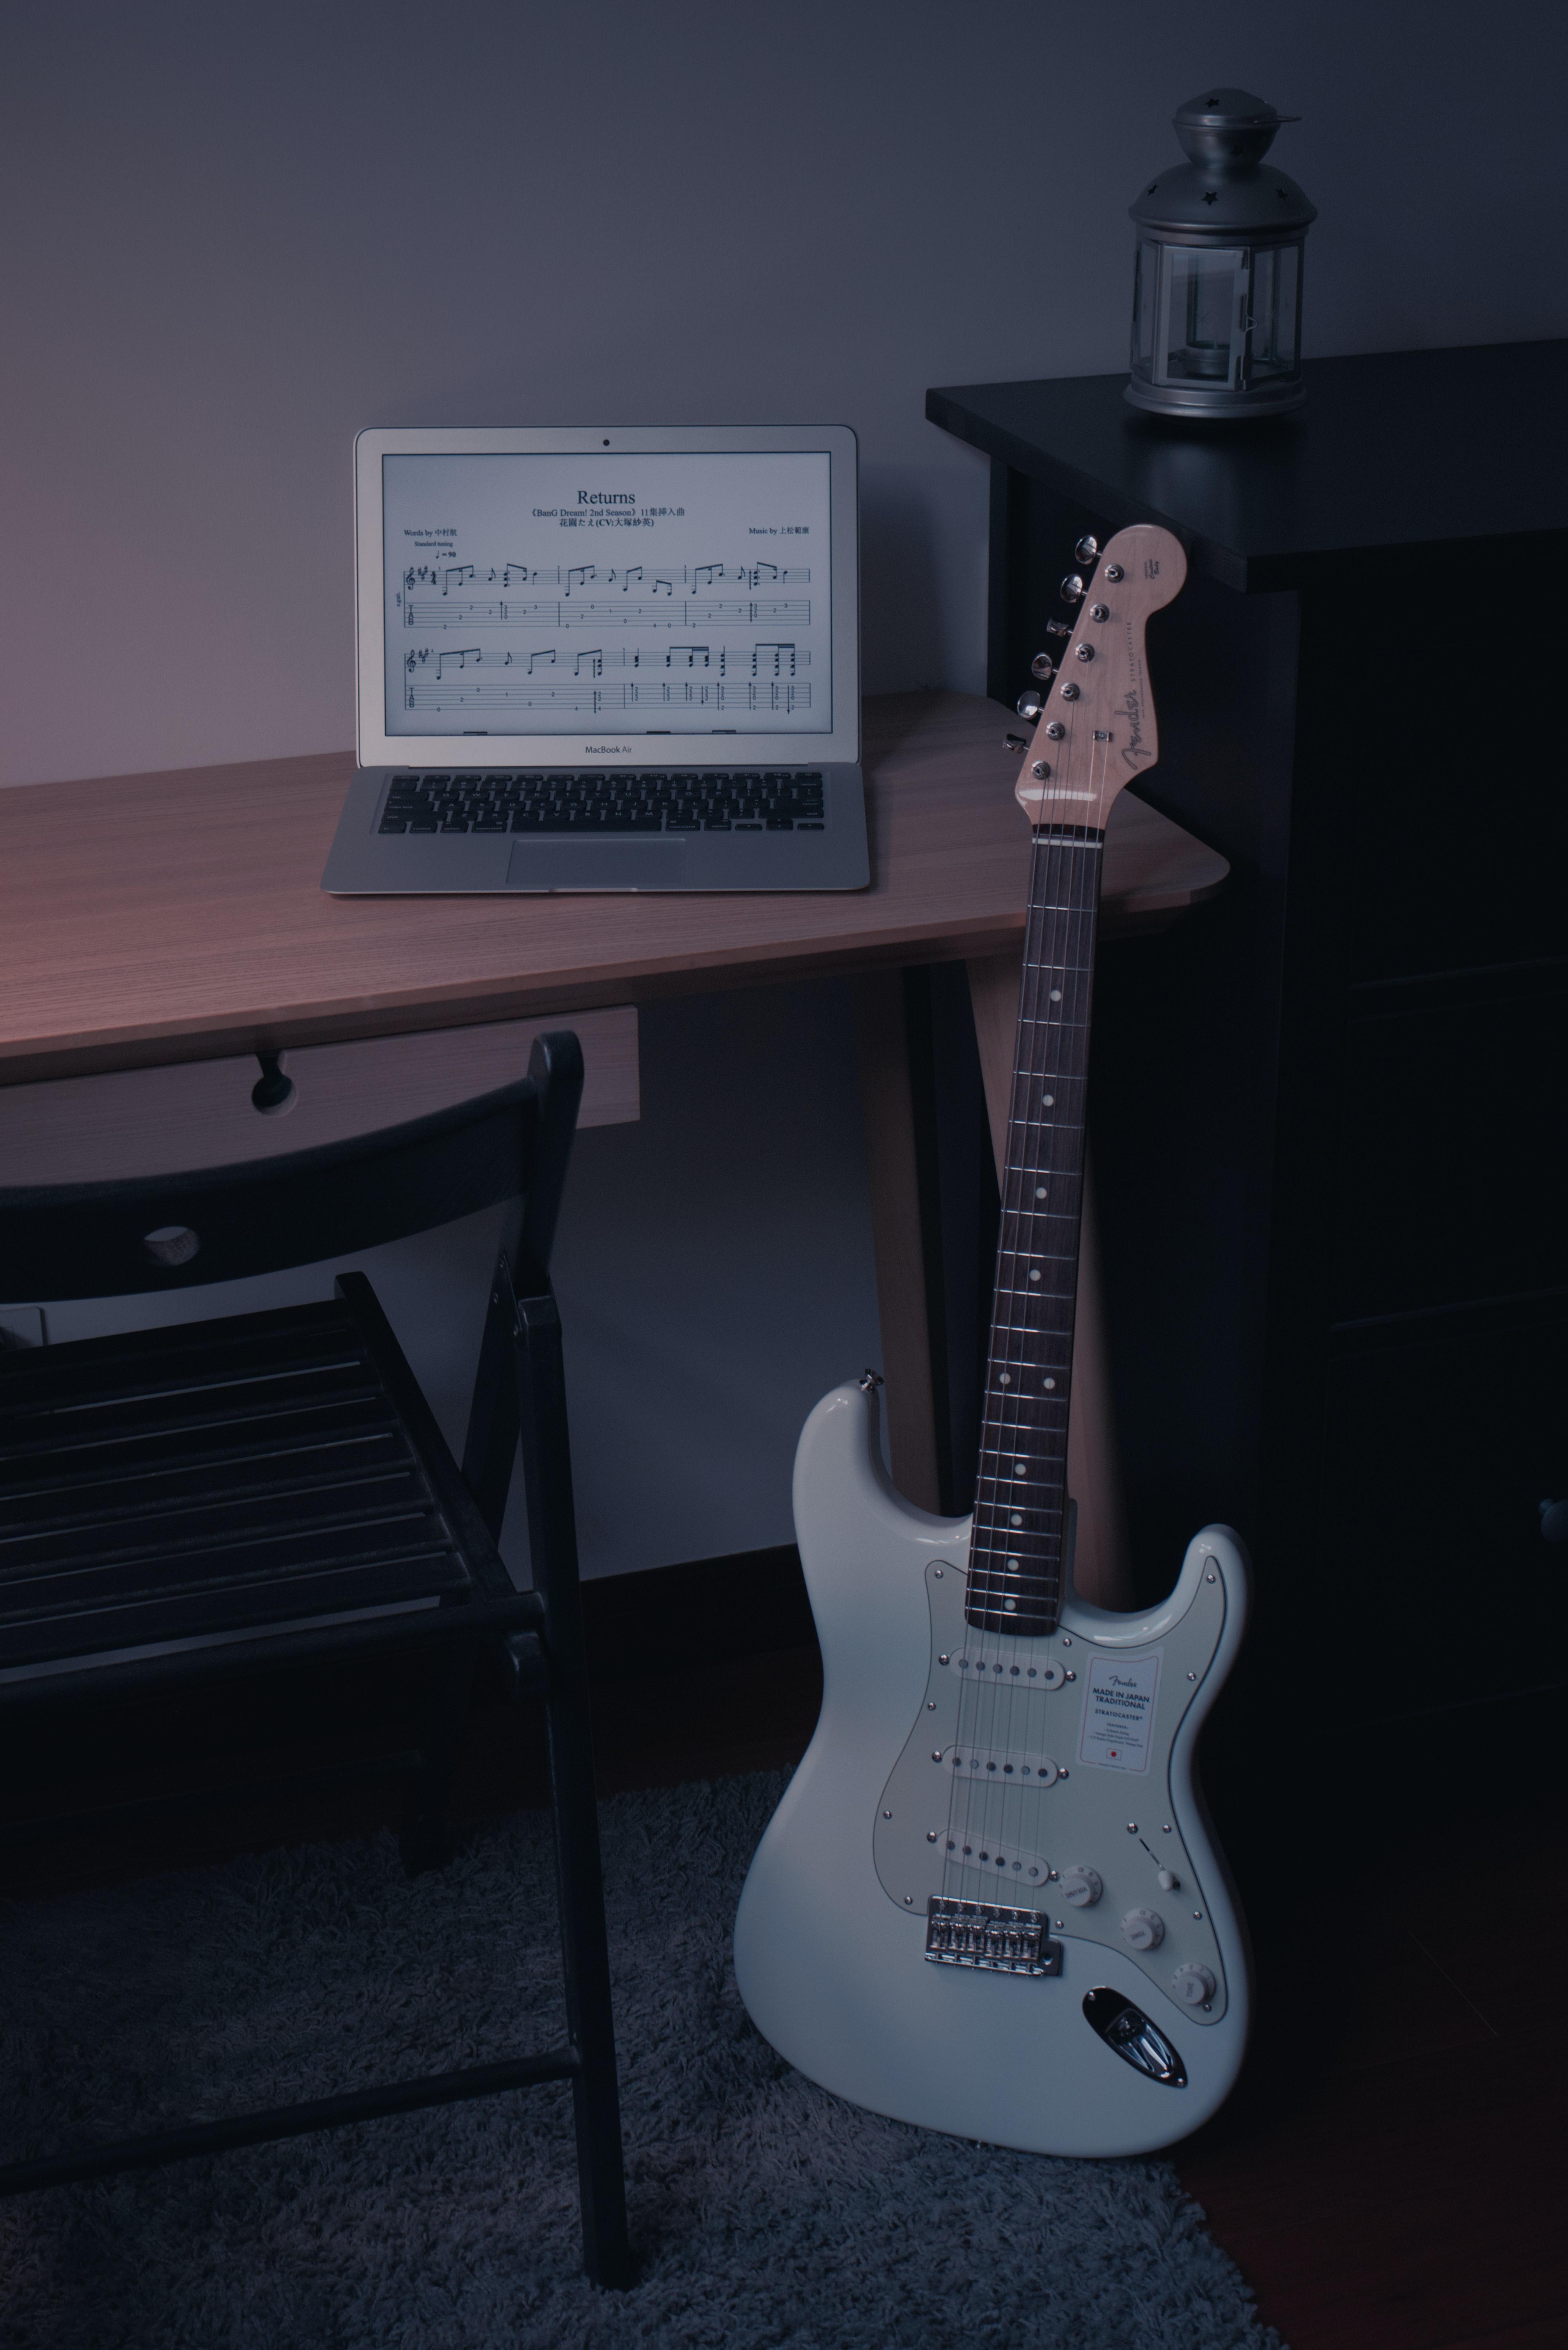 63688 Заставки и Обои Музыка на телефон. Скачать Музыка, Гитара, Музыкальный Инструмент, Ноутбук, Электрогитара картинки бесплатно